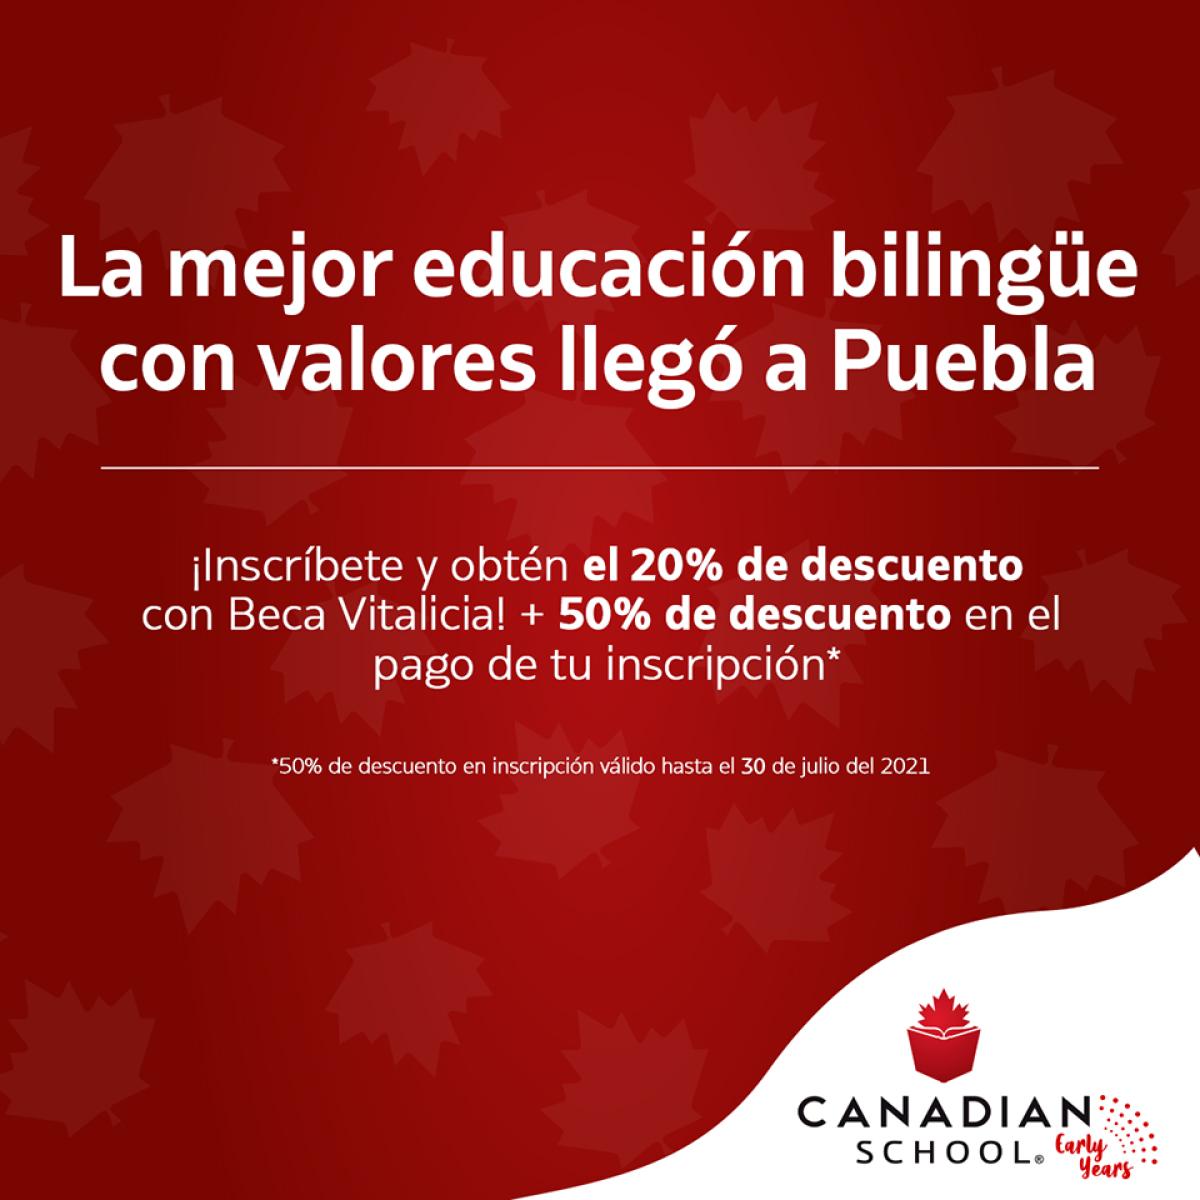 Promoción 1 De Canadian School Early Years